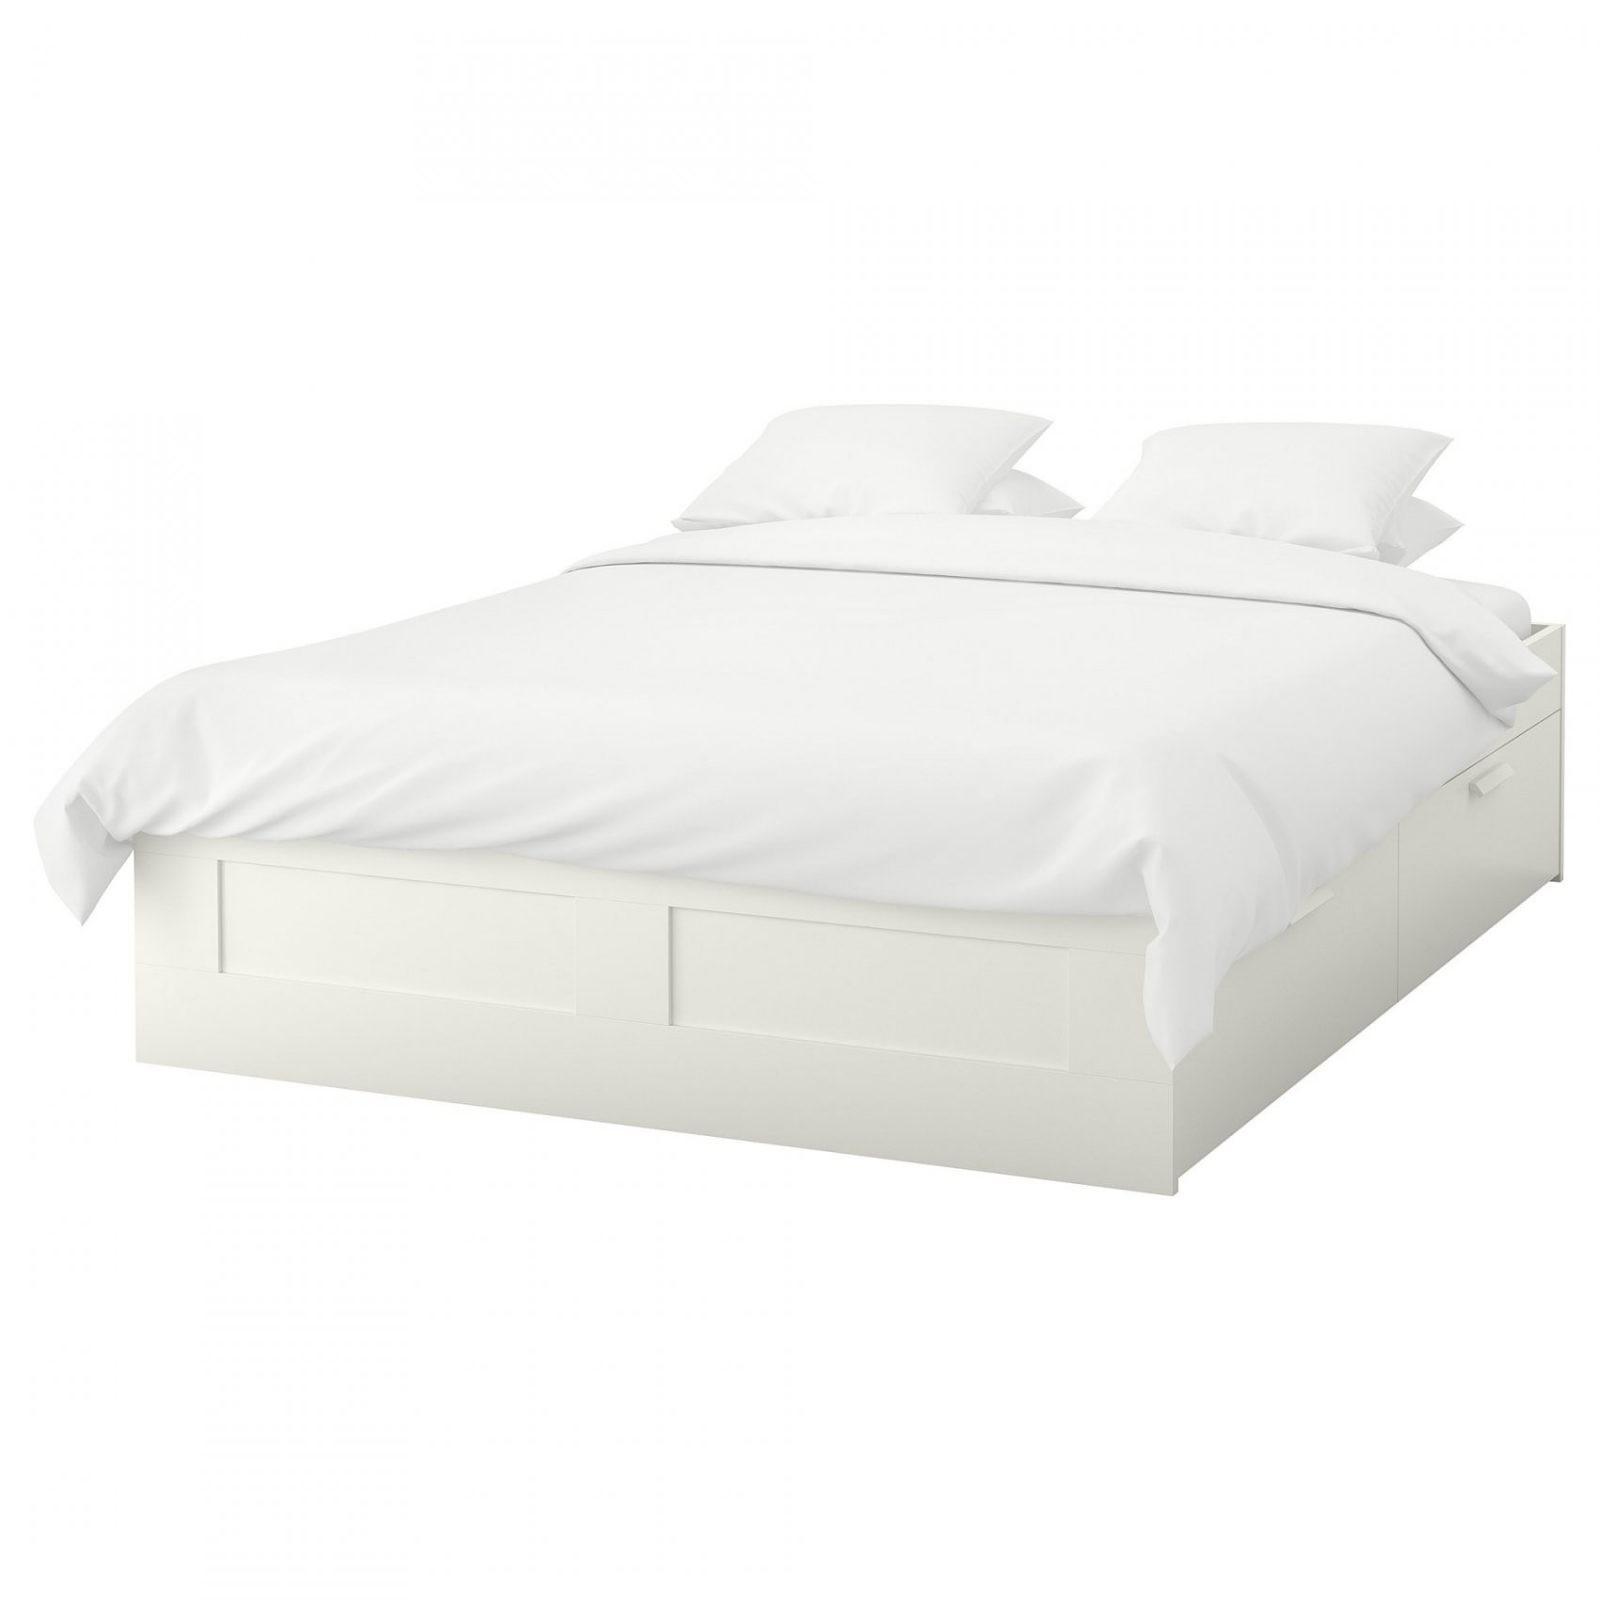 Brimnes Bedframe Met Opberglades  160X200 Cm  Wit  Ikea von Ikea Brimnes Bett 180X200 Bild